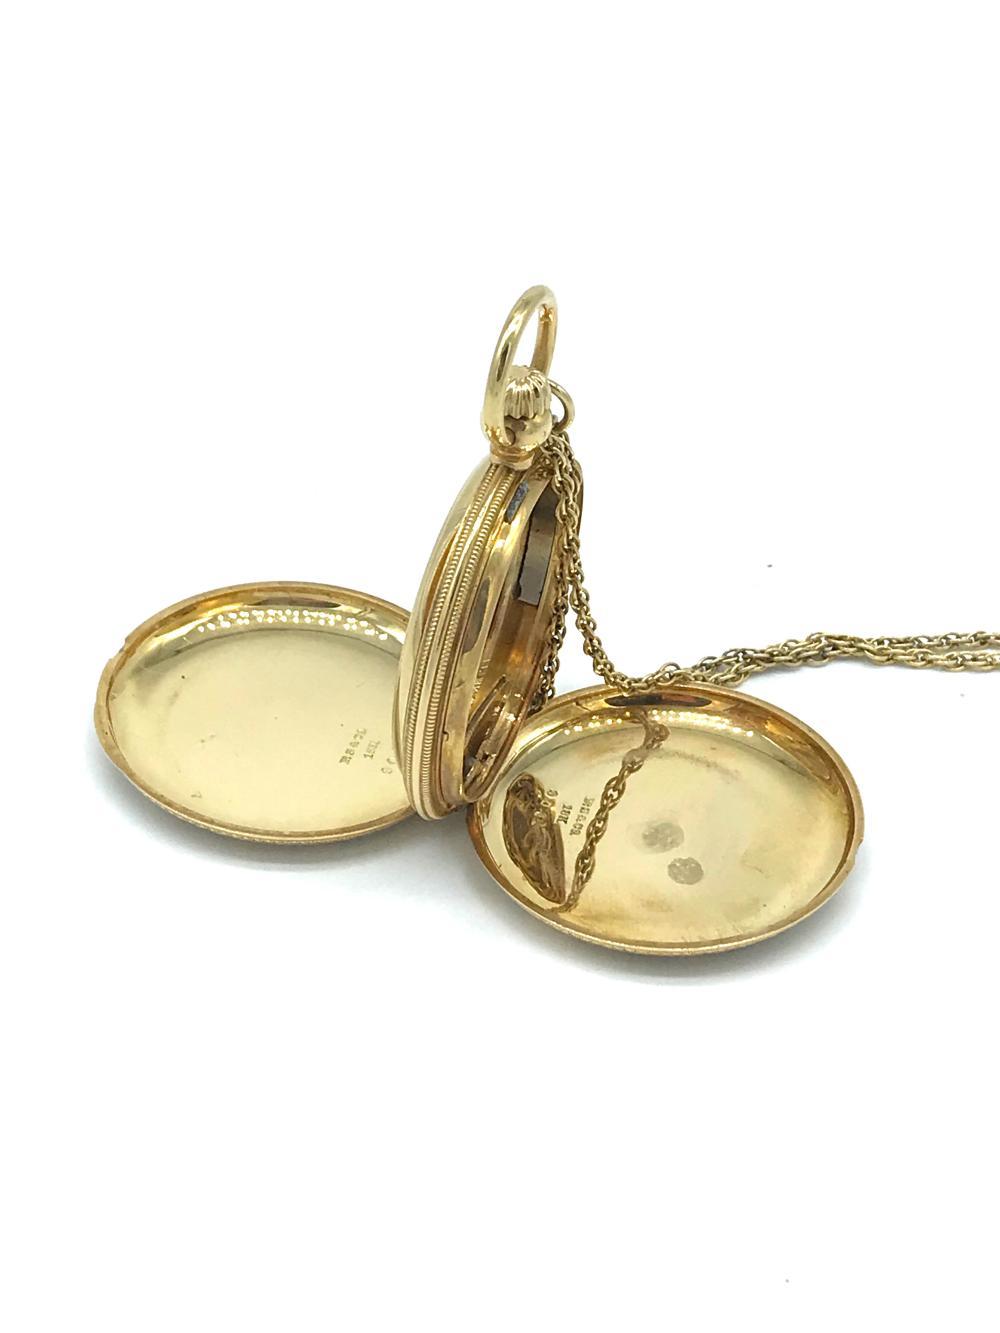 Lot 8719: Victorian, 1 OZ. Byzantine Enamel Pocket Jewelry Watch Case, Chain